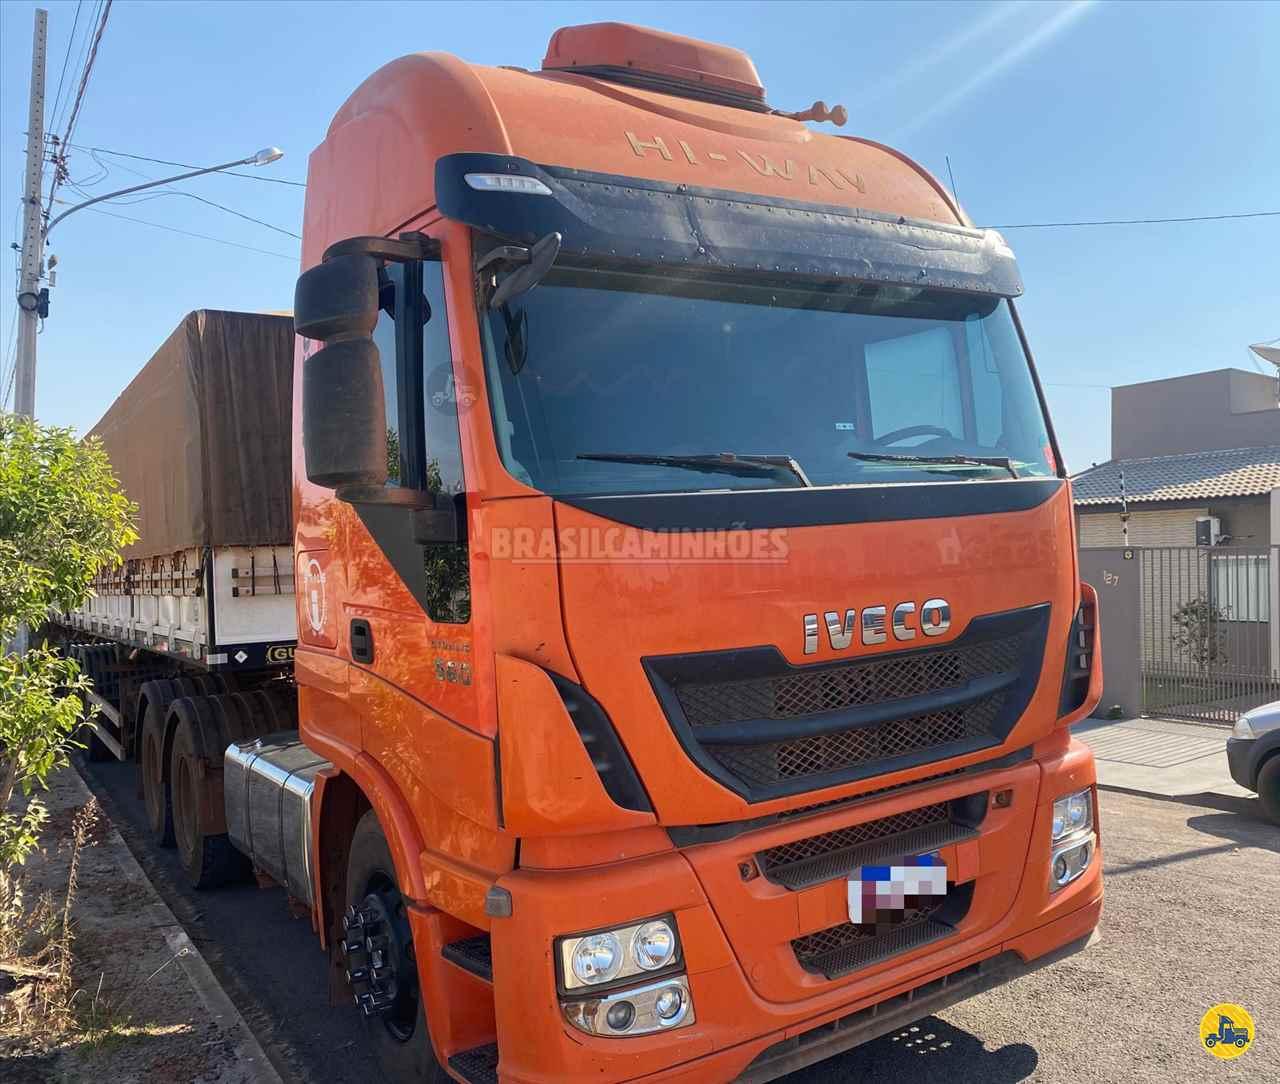 CAMINHAO IVECO STRALIS 560 Graneleiro Traçado 6x4 Brasil Caminhões Sinop SINOP MATO GROSSO MT